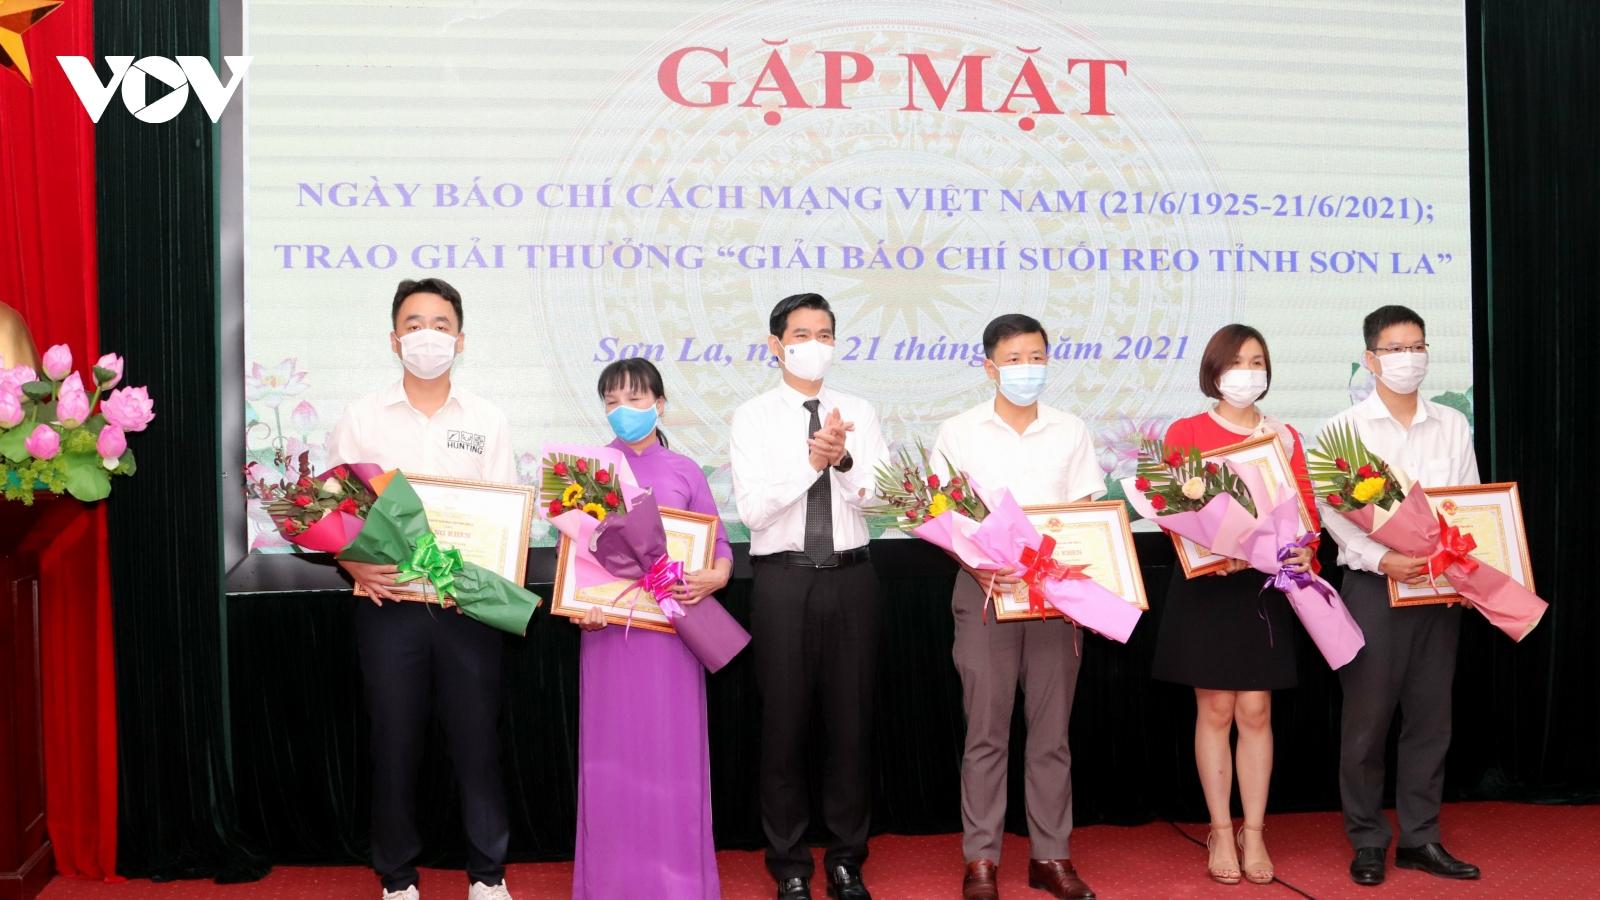 """VOV Tây Bắc đạt 12 giải thưởng """"Giải báo chí Suối Reo tỉnh Sơn La"""""""